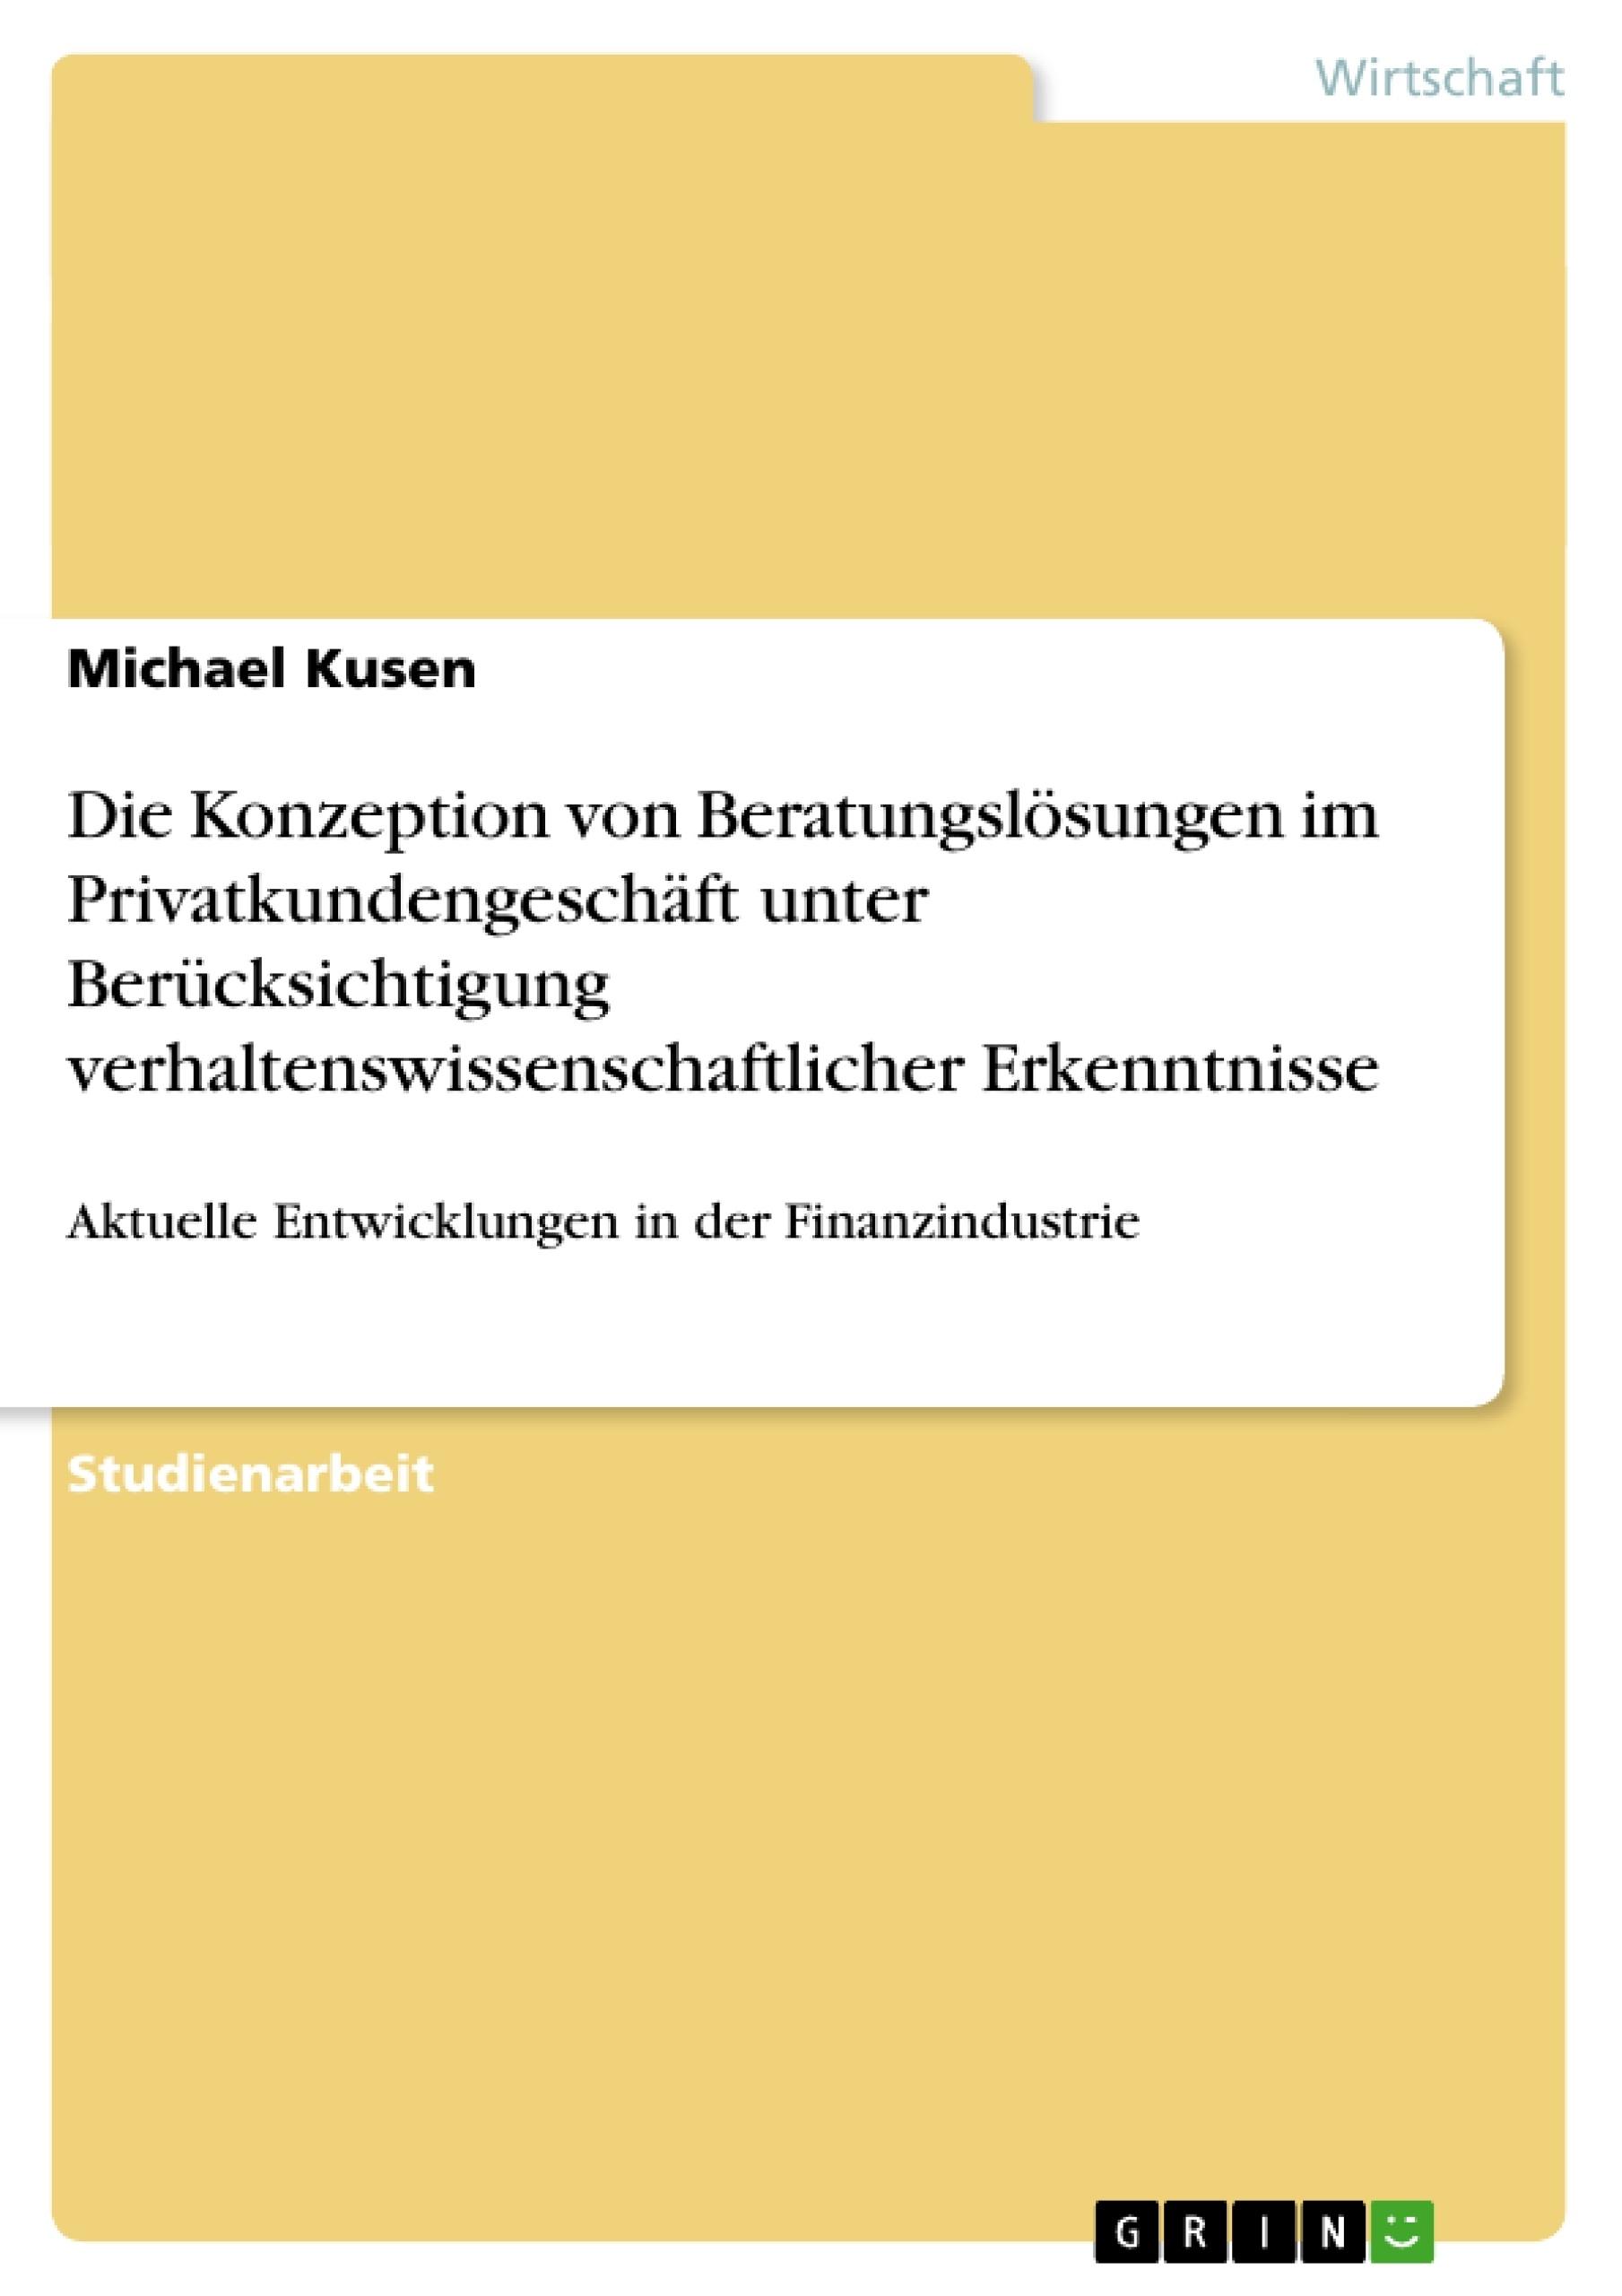 Titel: Die Konzeption von Beratungslösungen im Privatkundengeschäft unter Berücksichtigung verhaltenswissenschaftlicher Erkenntnisse